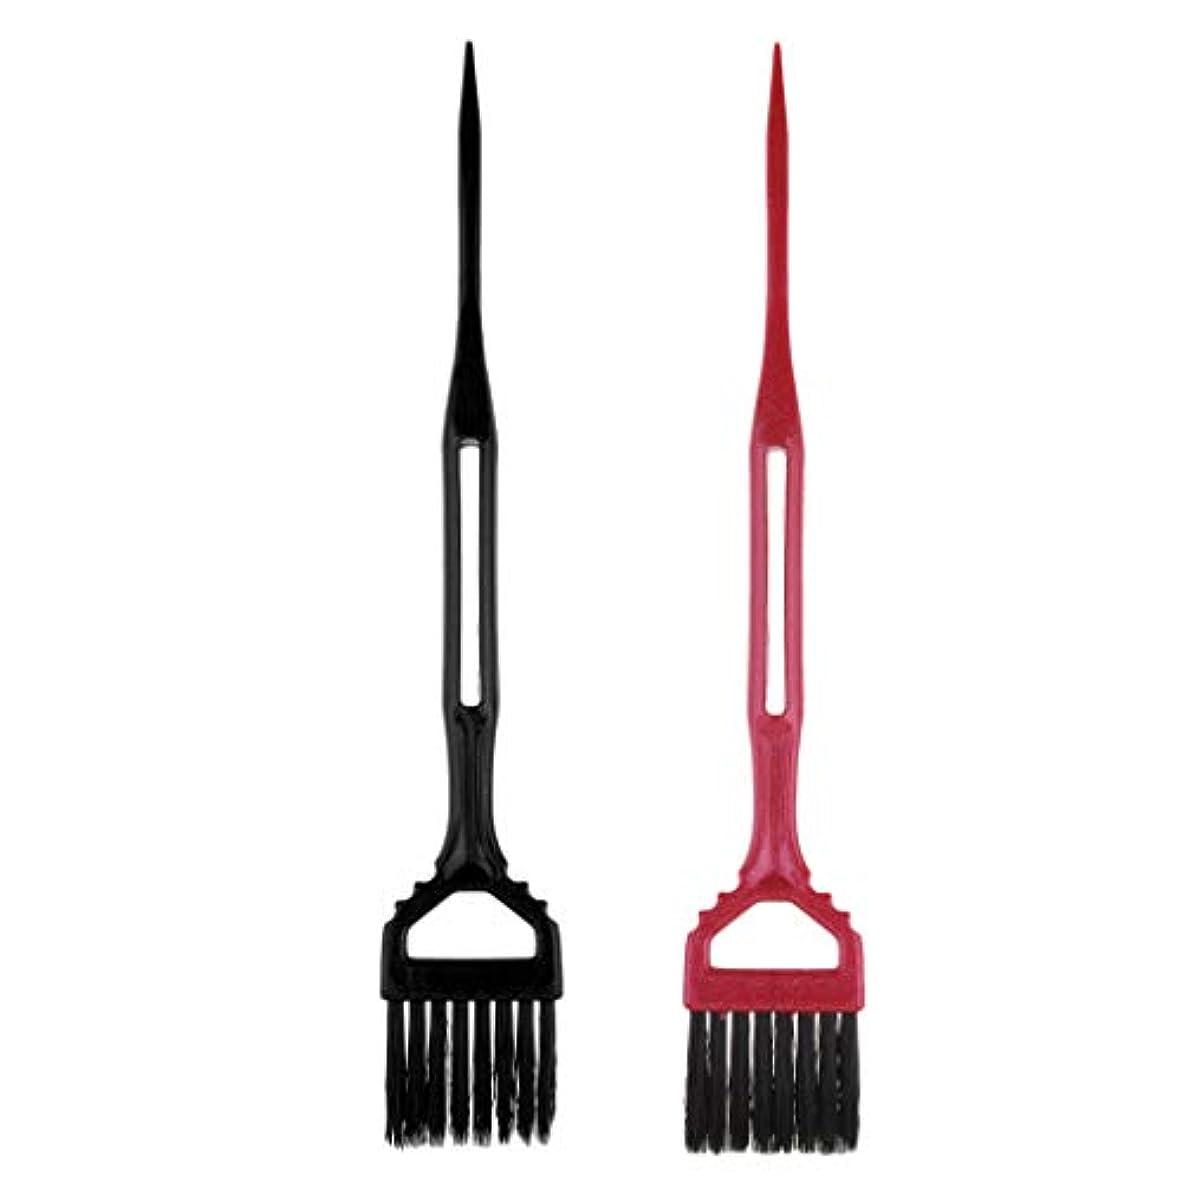 選ぶ従うモナリザToygogo 2サロン理髪髪染め櫛分布ブラシツールのセット髪型染め染め櫛ツール